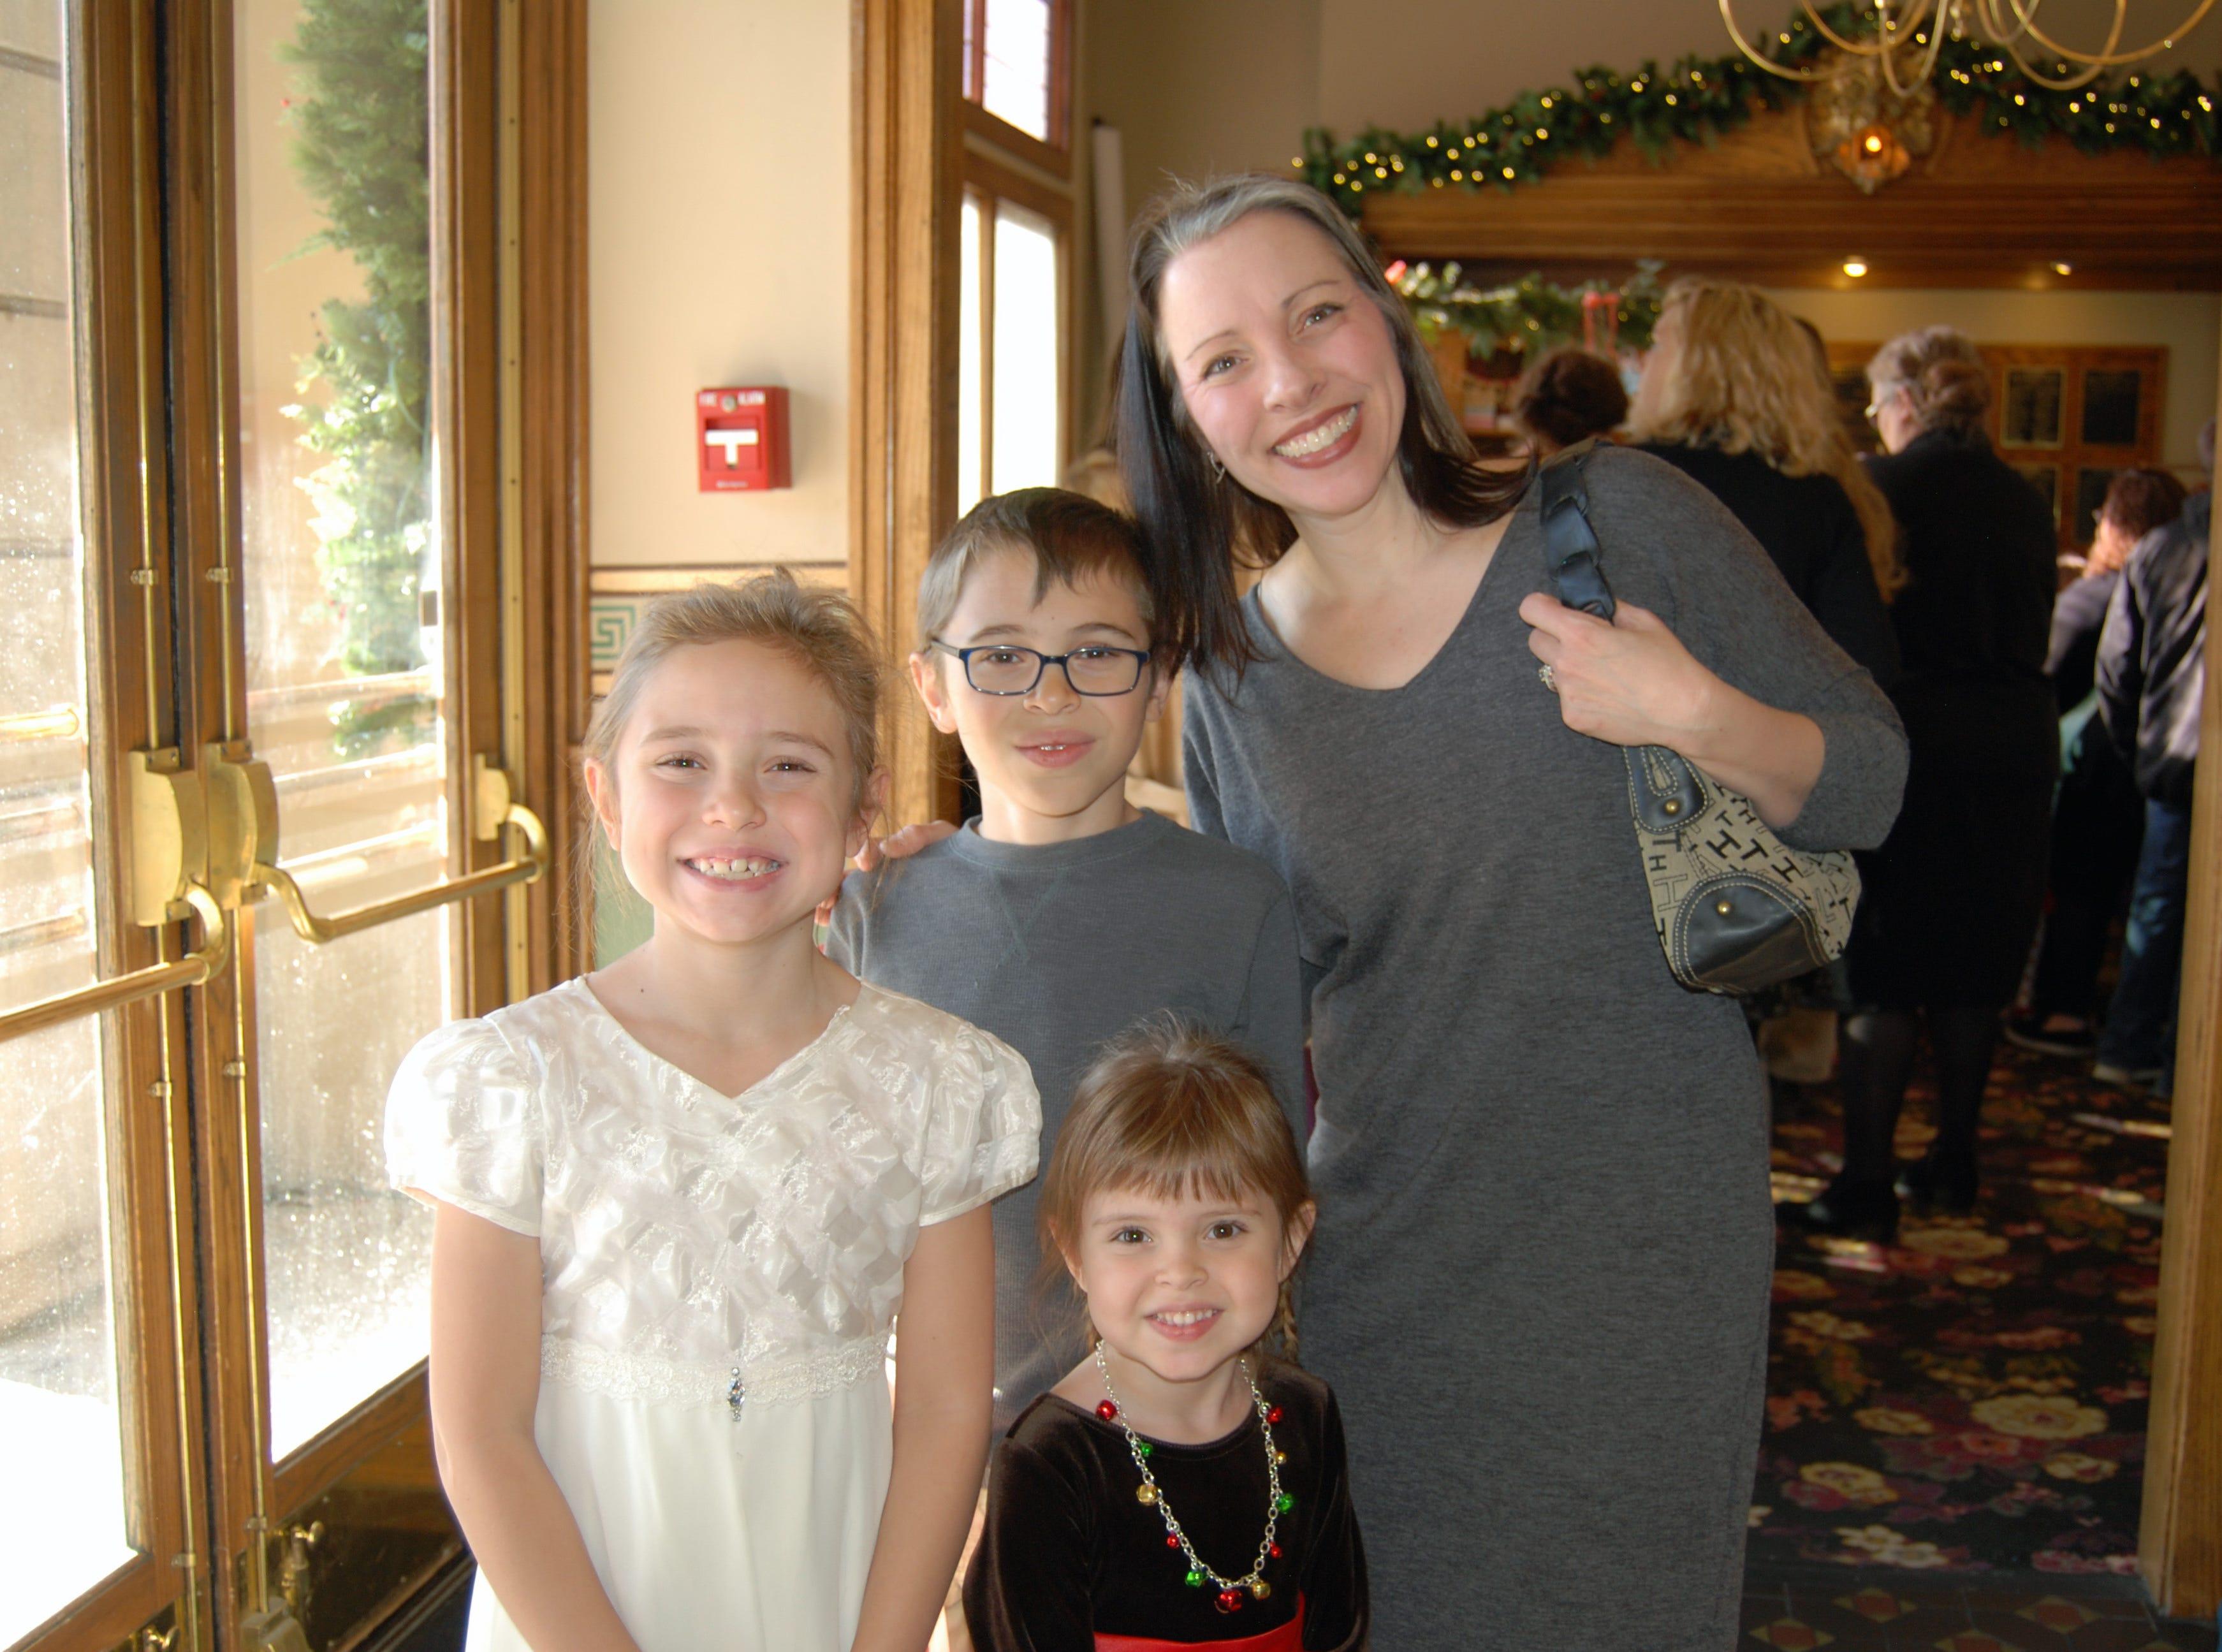 Marcella, Elsalynn, Adam and Stephanie Campbell